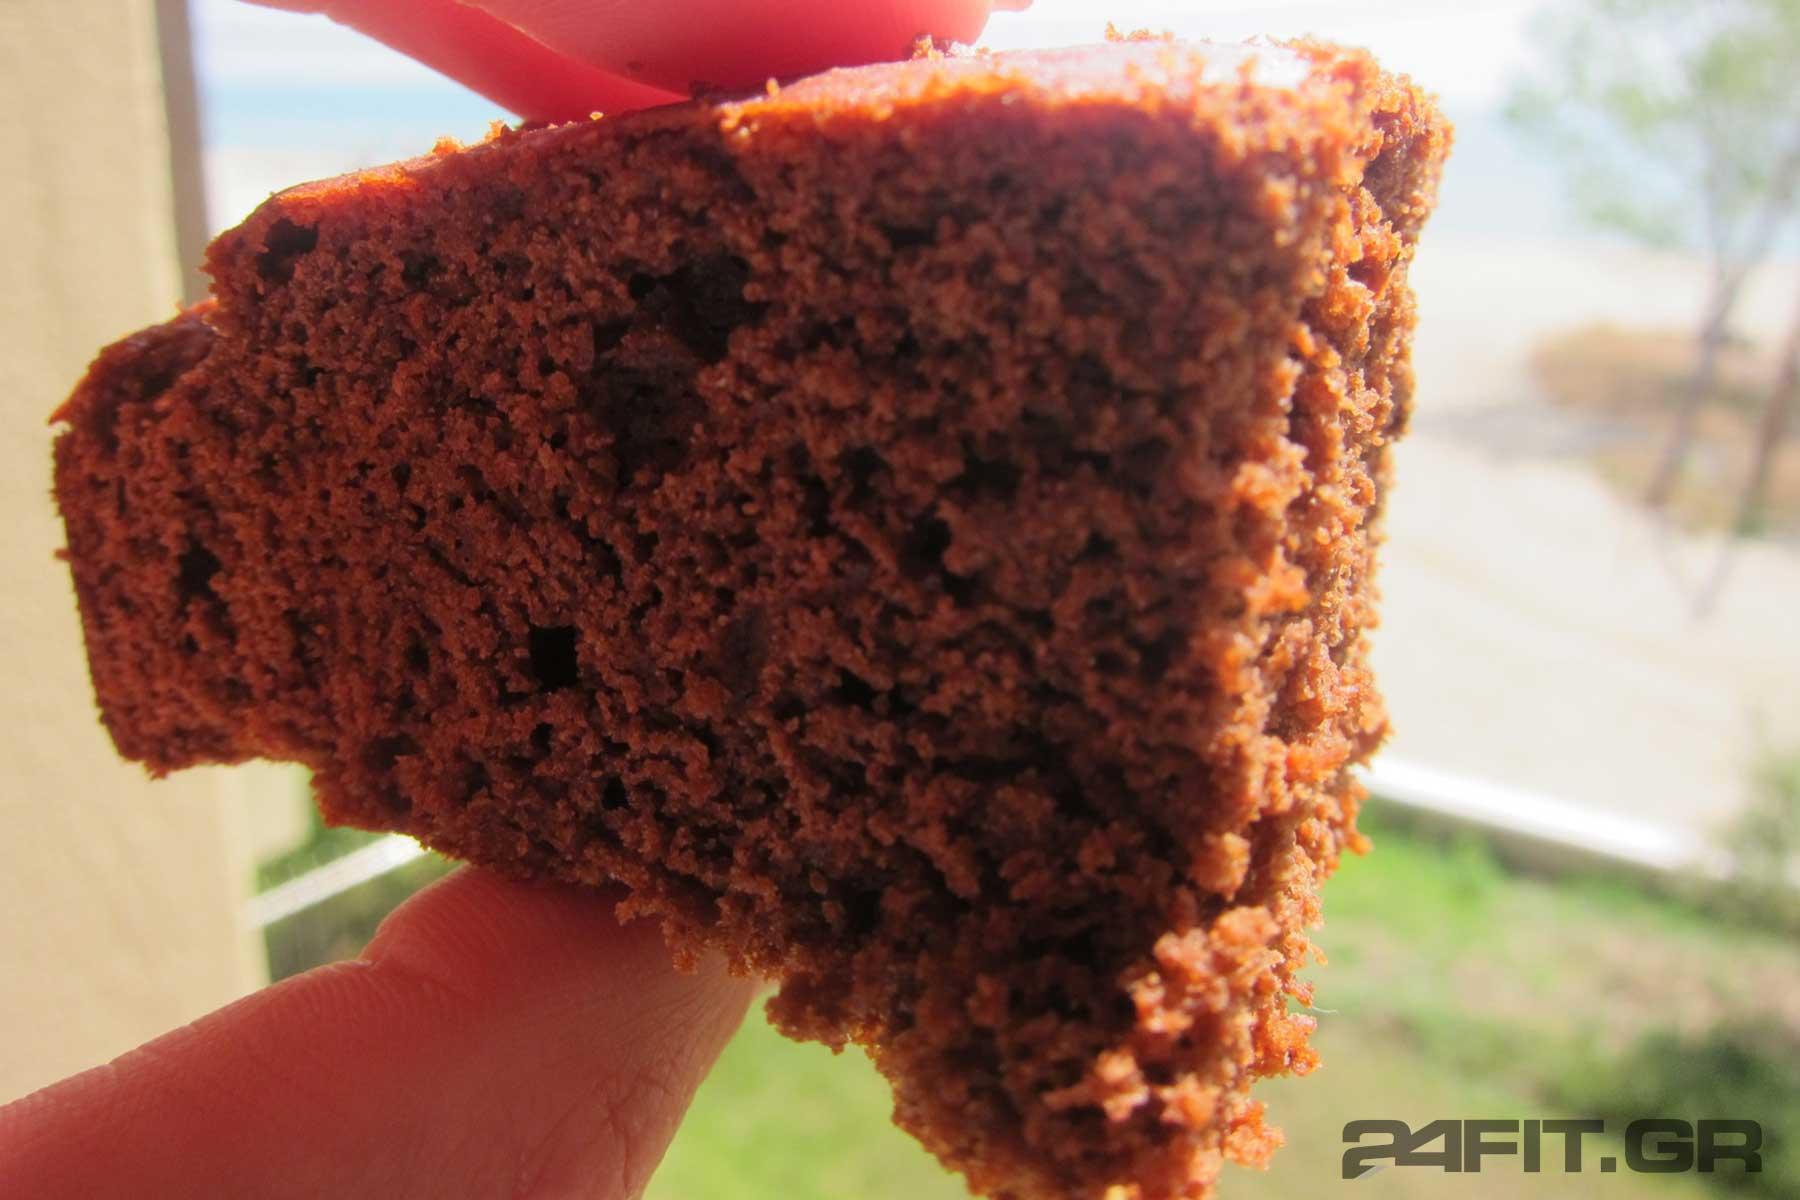 Κέικ σοκολάτας νηστίσιμο από αλεύρι ντίνκελ χωρίς ζάχαρη